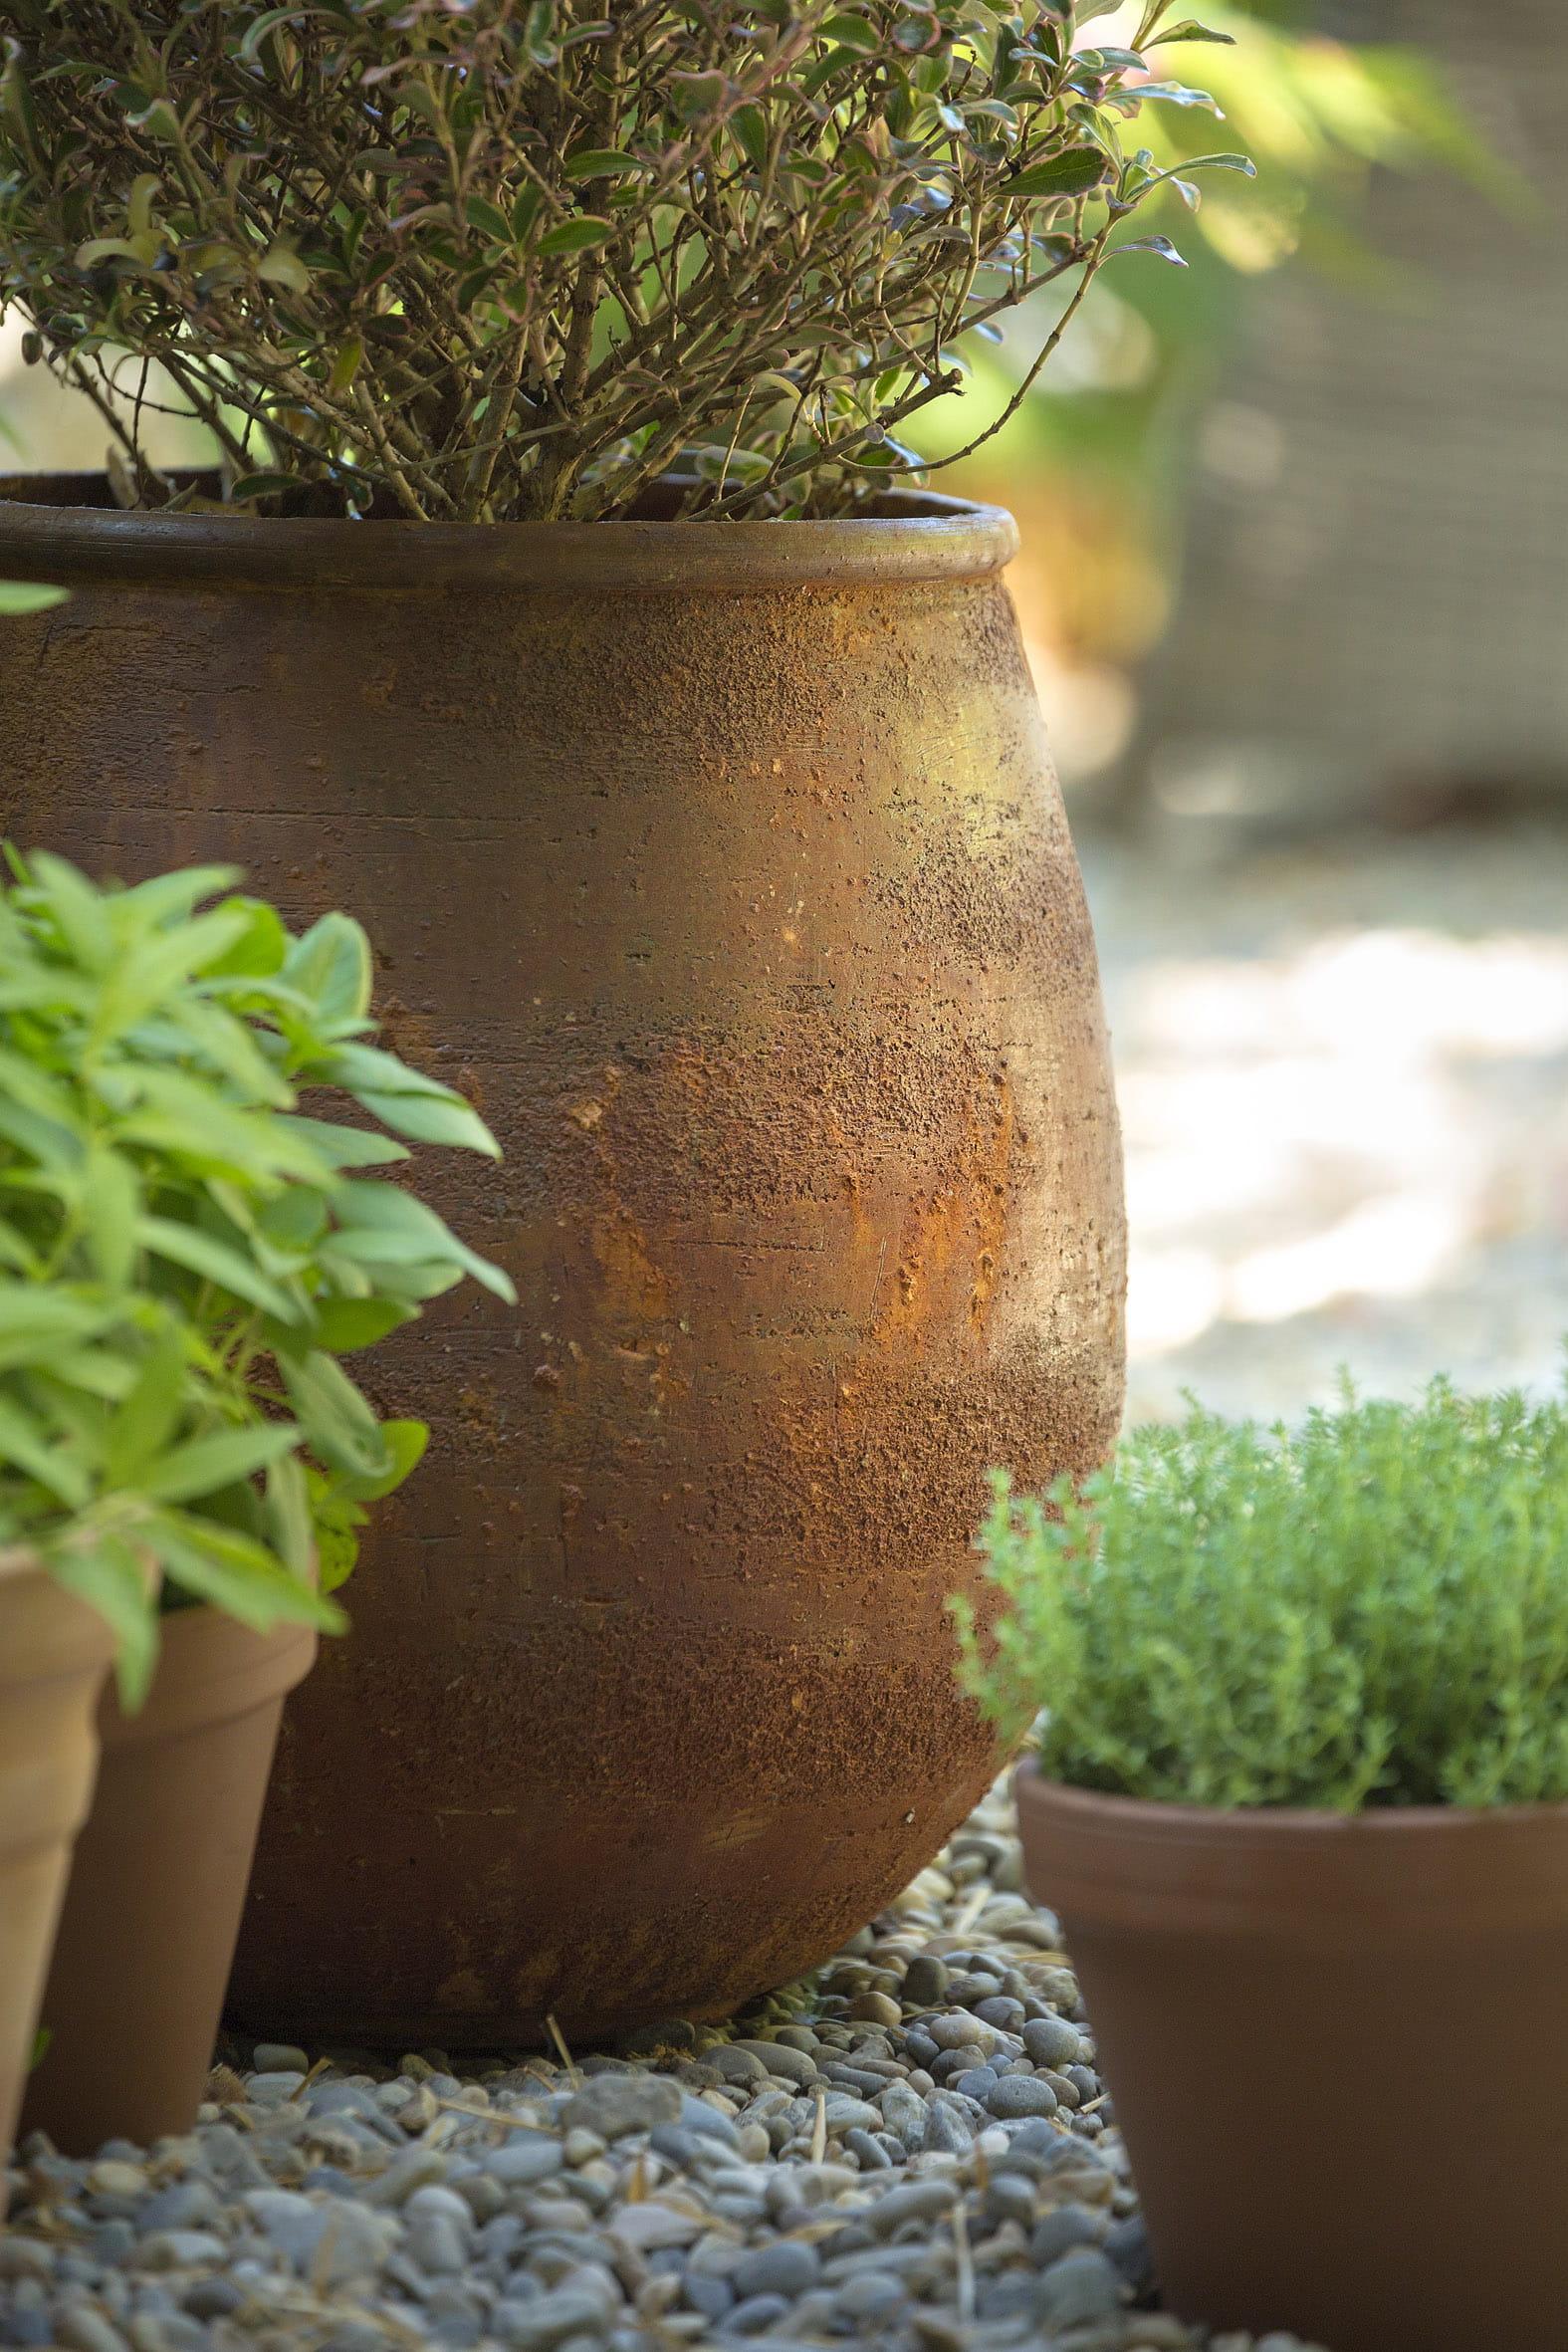 Jarre jille effet rouille par botanic - Jarre deco jardin lyon ...